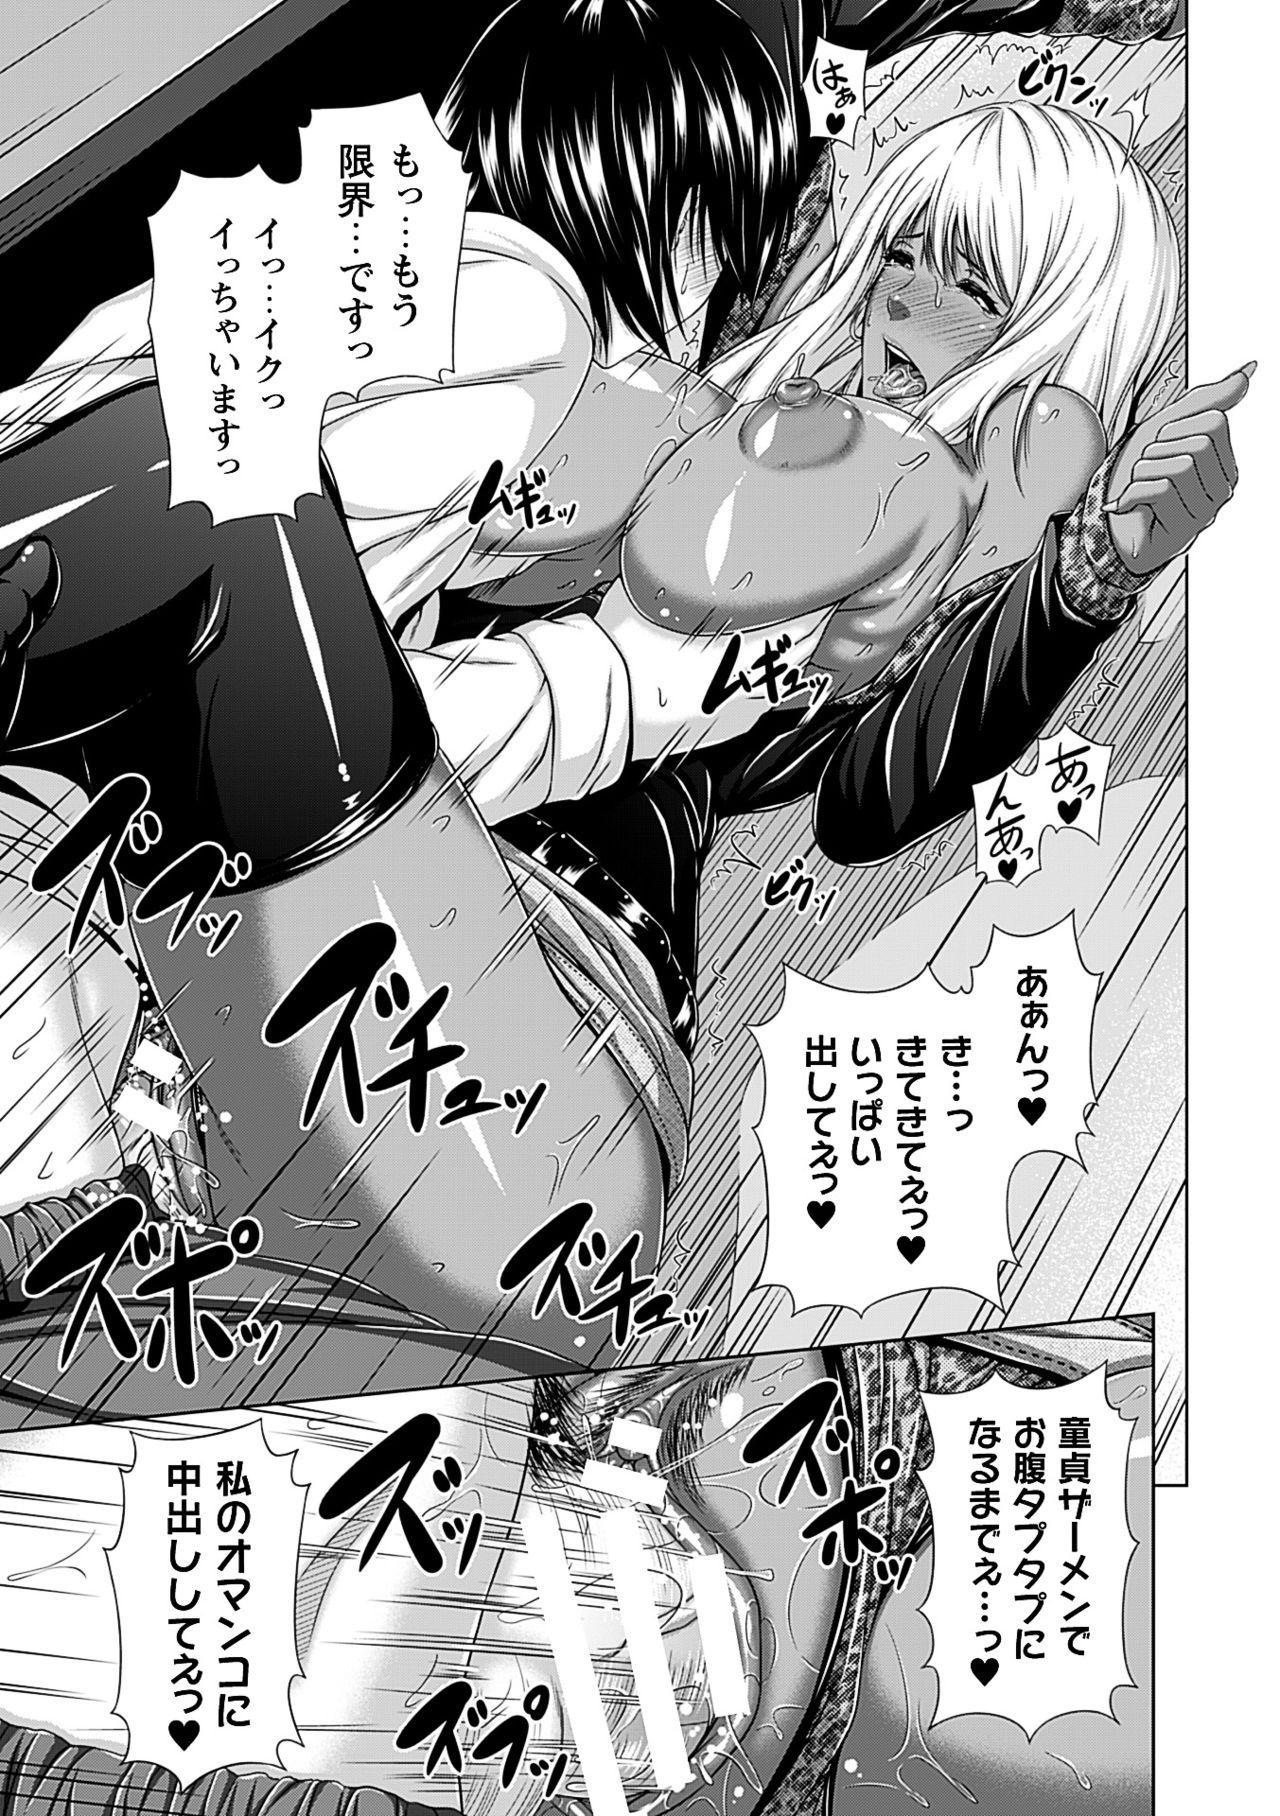 Mesu Hana ga Ochiru Toki - Maidenly Bloom Fallen 112